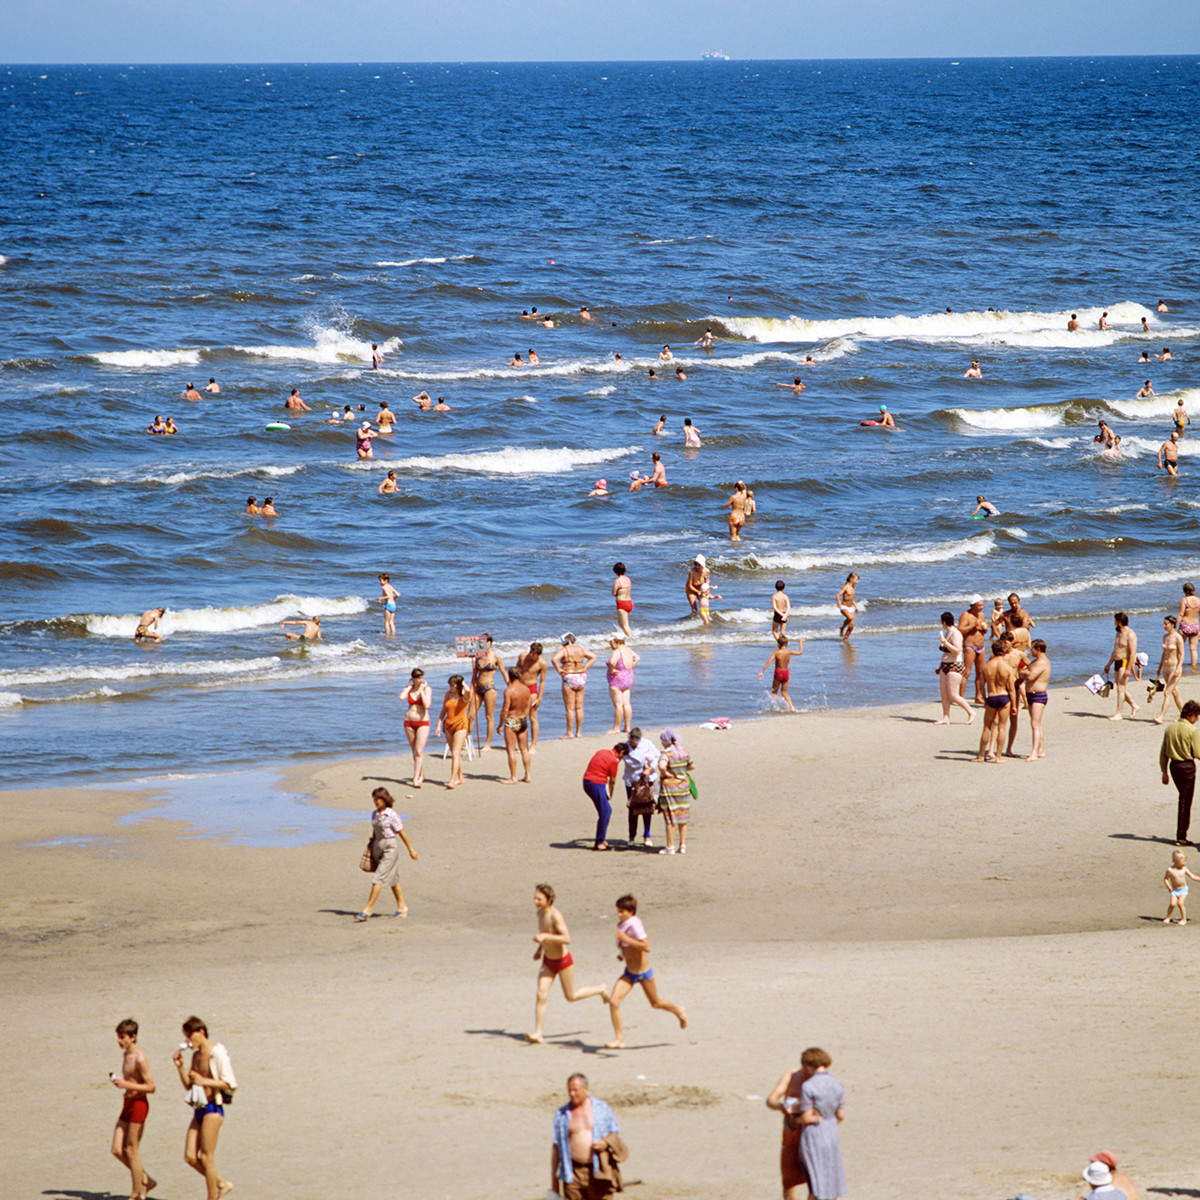 Jurmala, 1984. Turisti na mestni plaži.